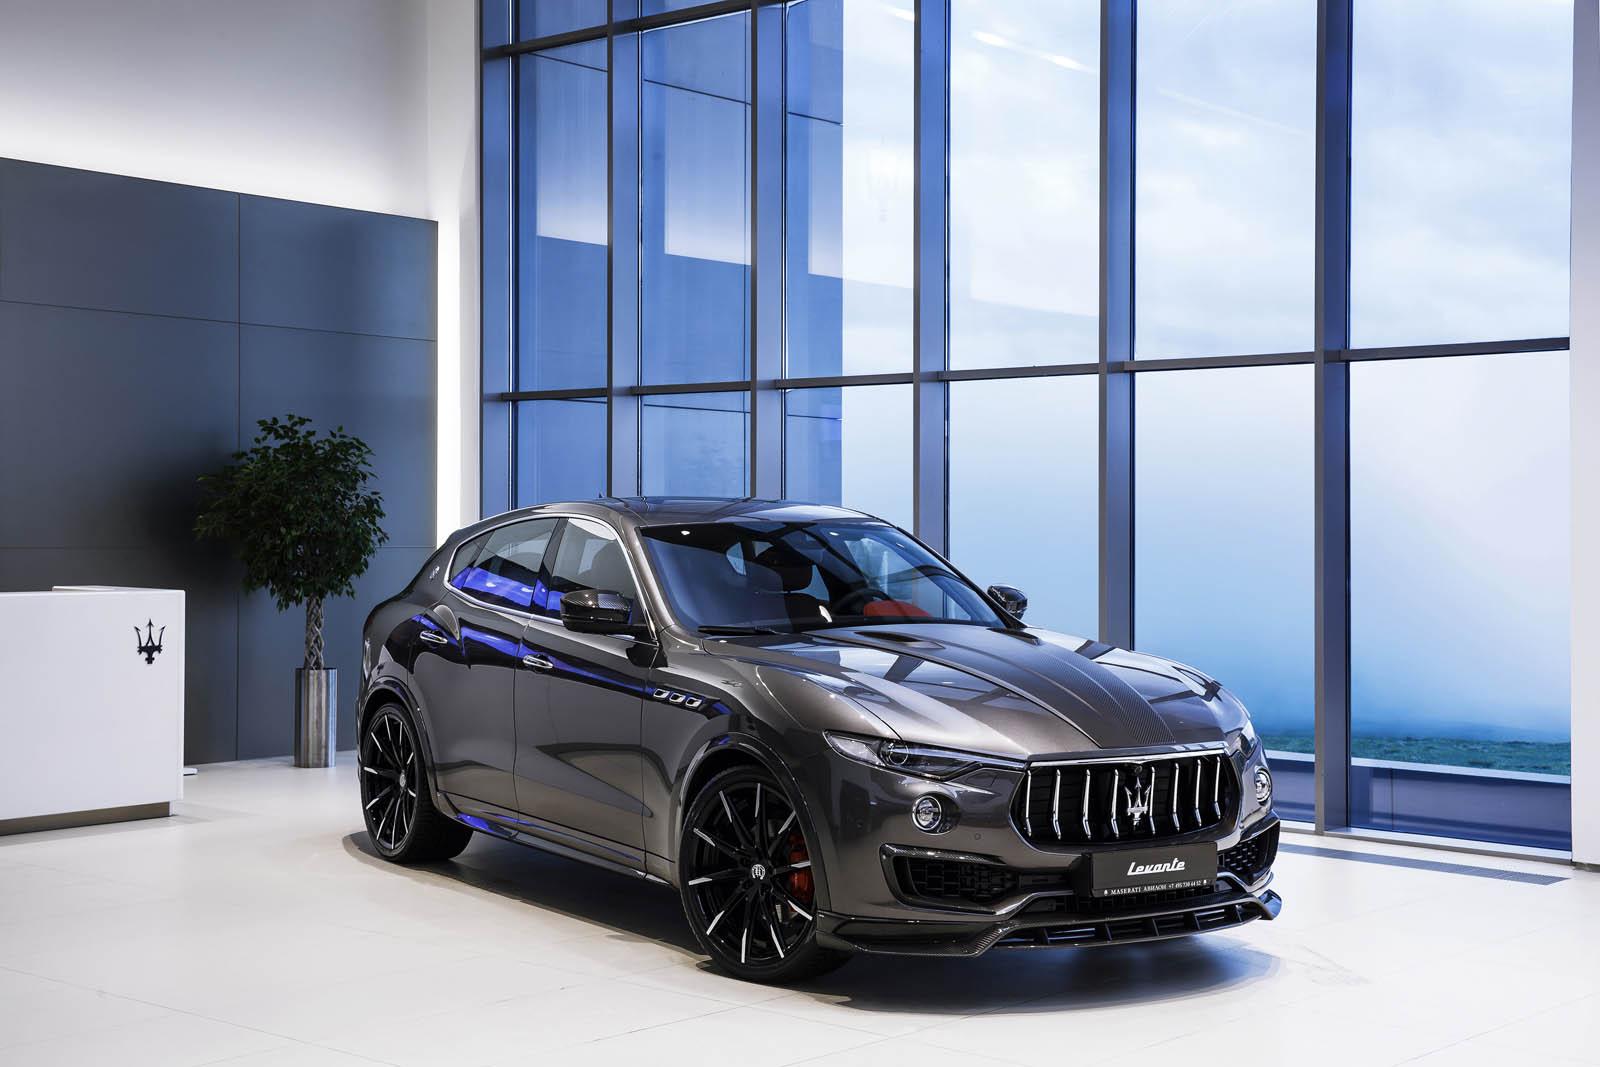 Maserati Levante S by Larte Design (6)